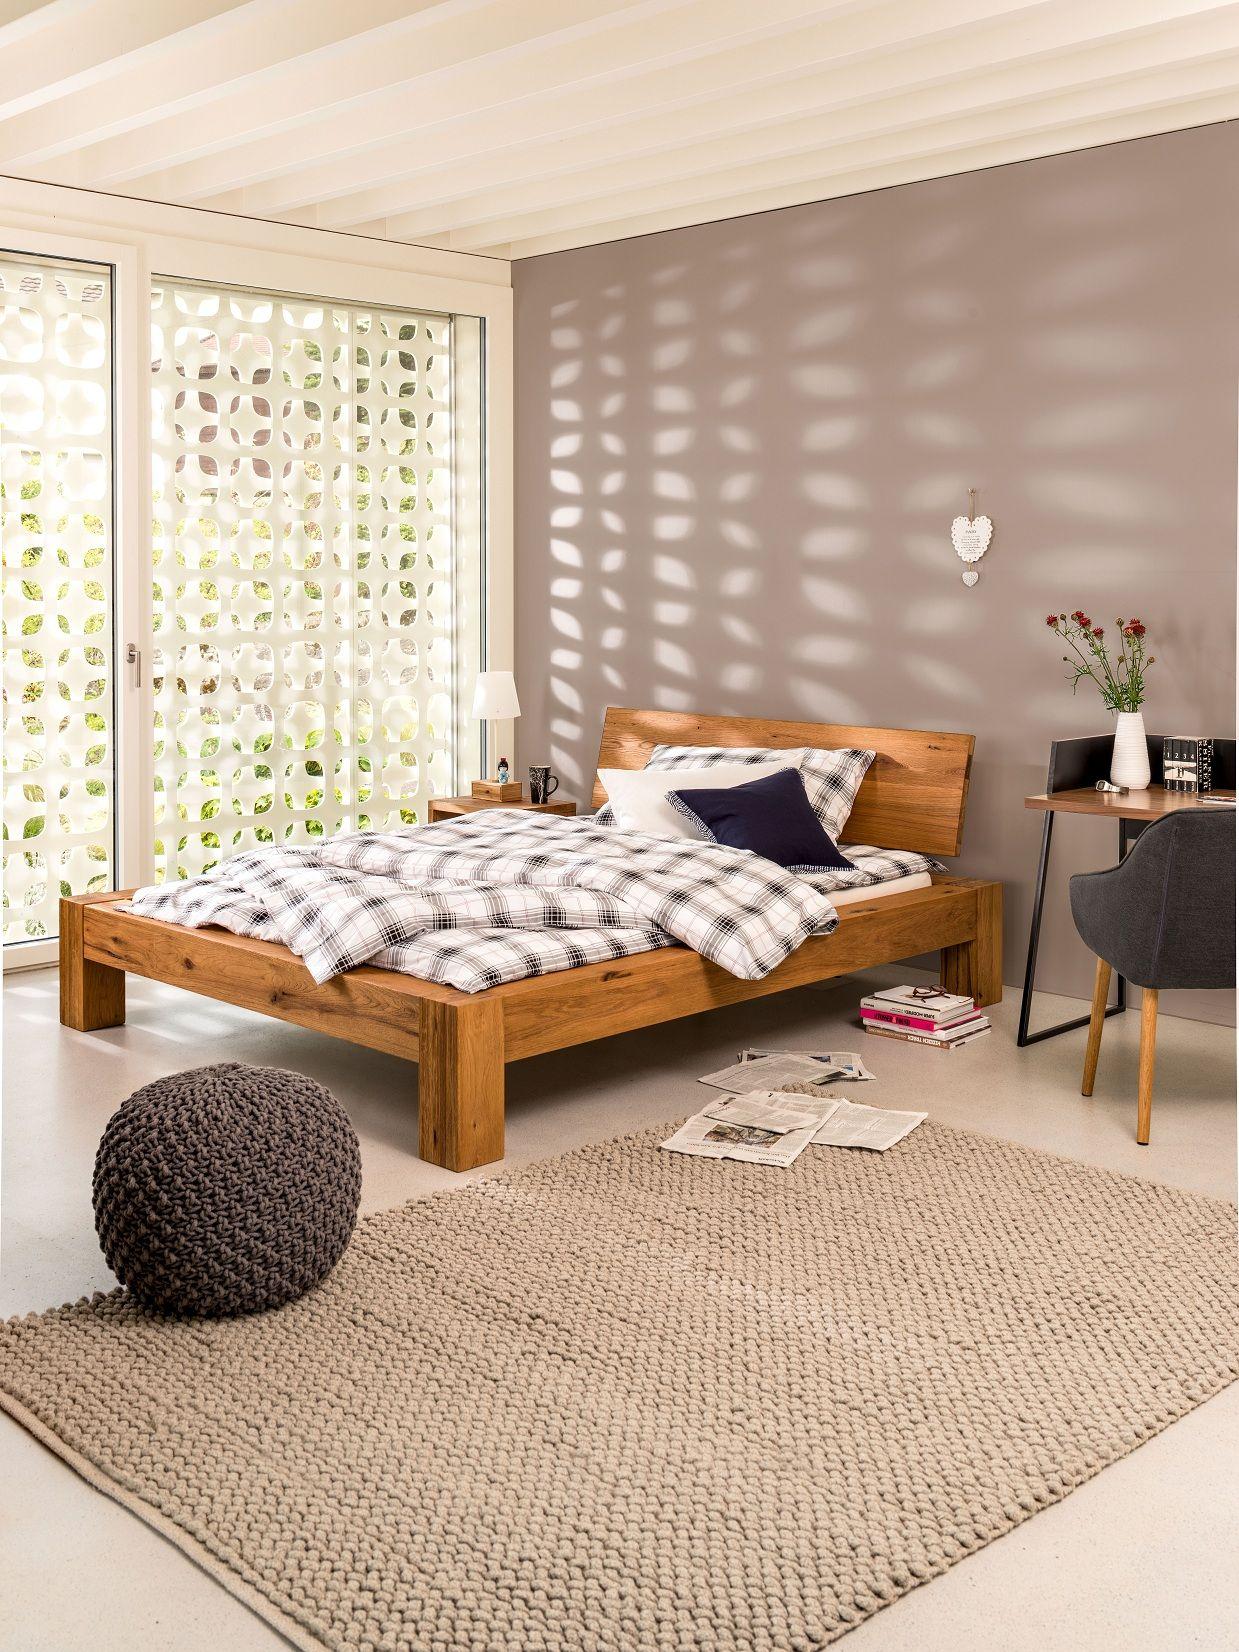 Schlafzimmer Betten Kaufen #17: Micasa Schlafzimmer Mit Bett OAKLINE WILD